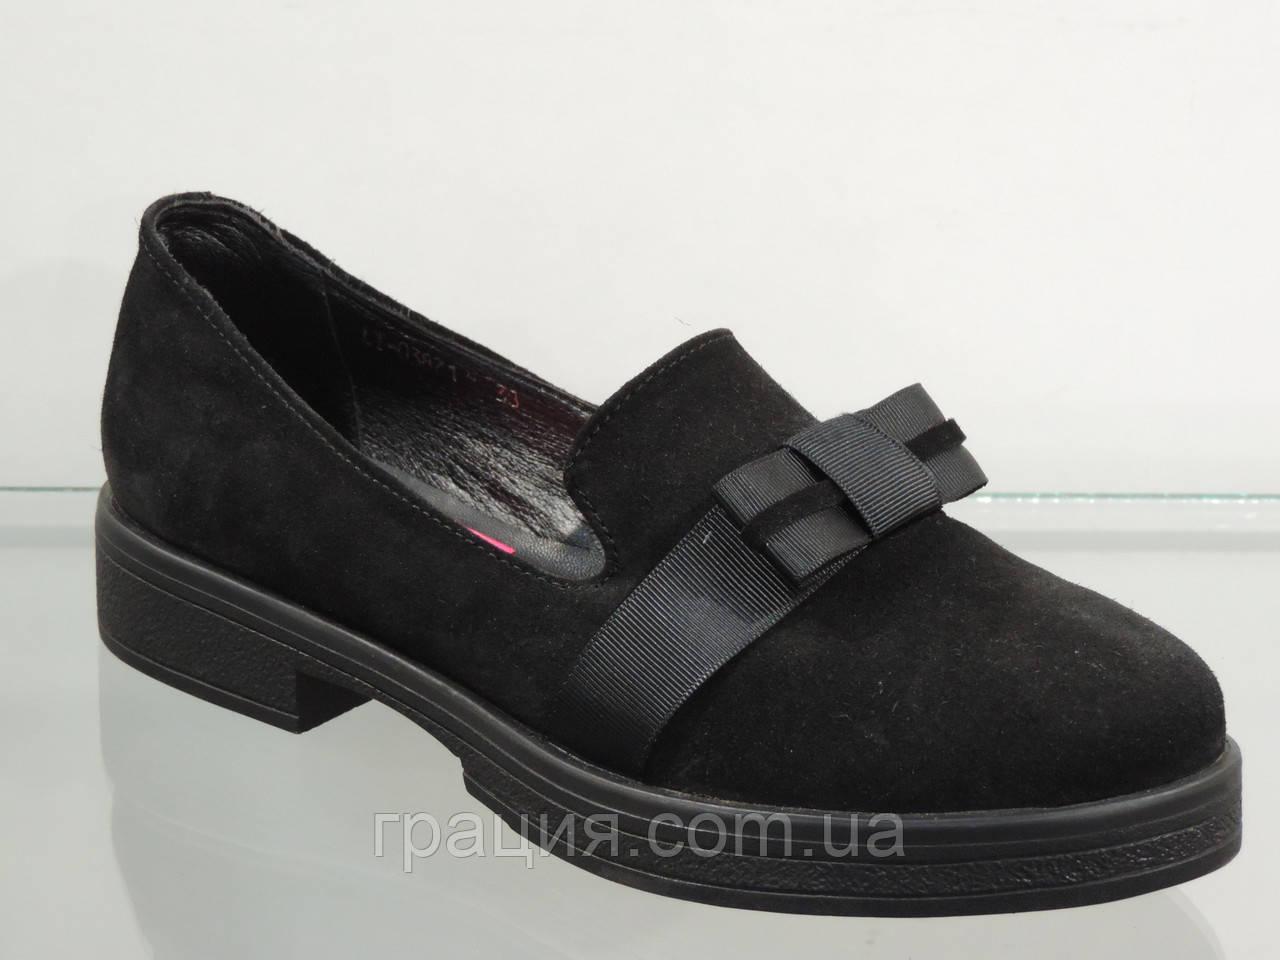 Модні молодіжні туфлі натуральна замша